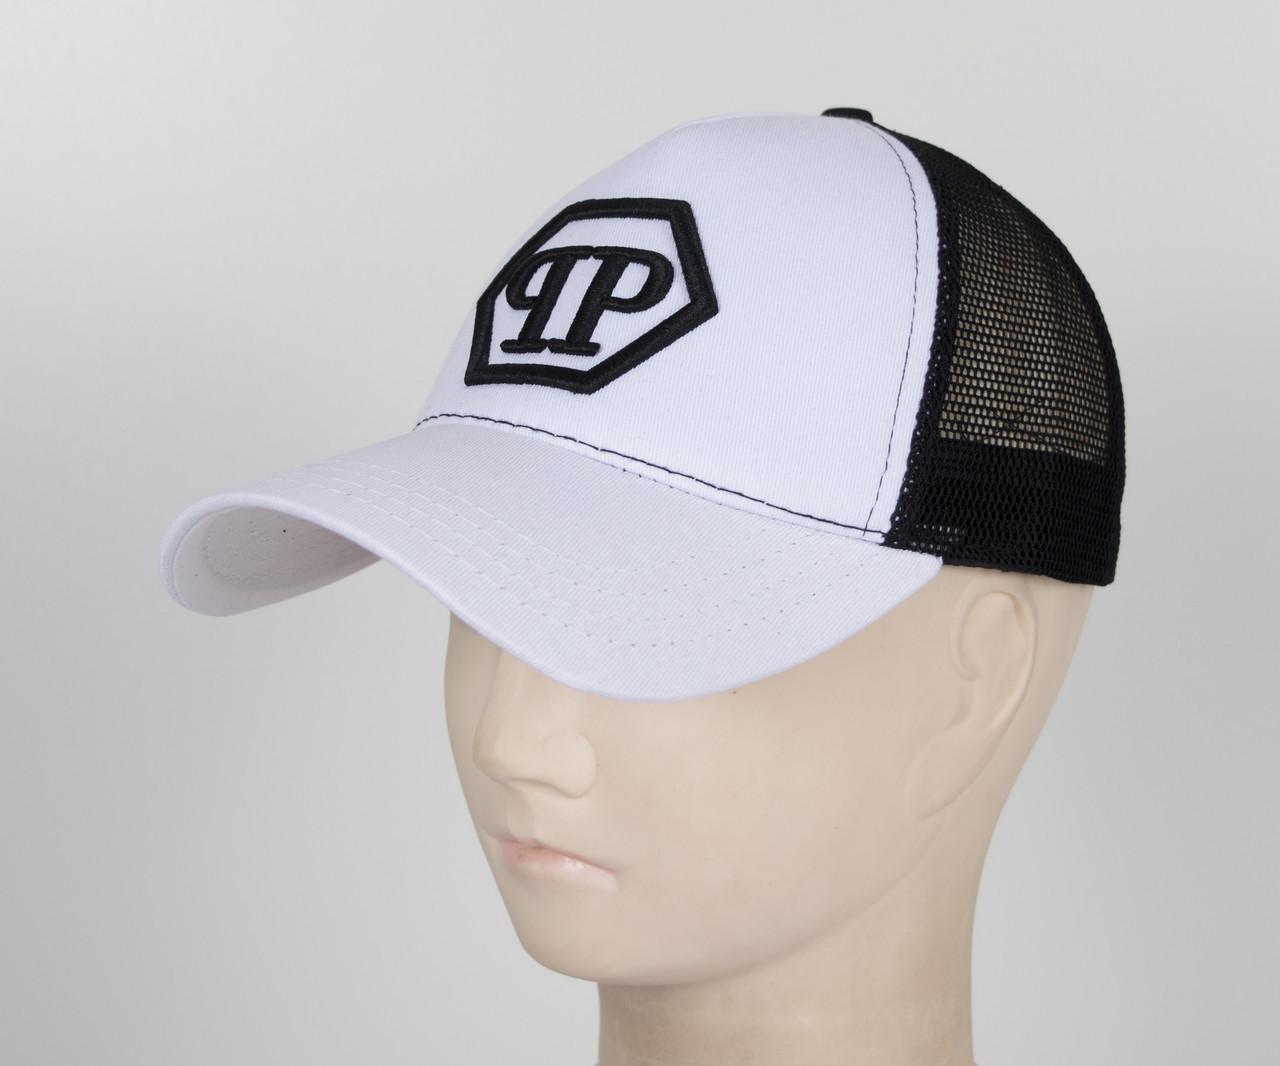 Бейсболка вышивка сетка PP1901 белый